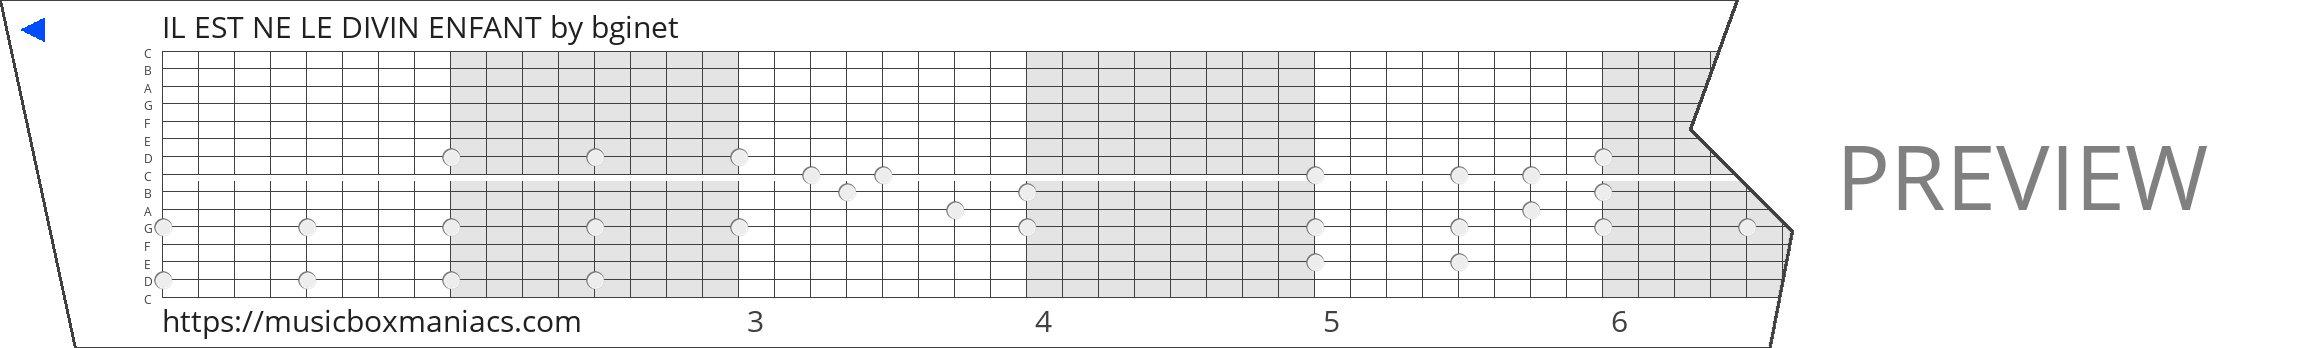 IL EST NE LE DIVIN ENFANT 15 note music box paper strip